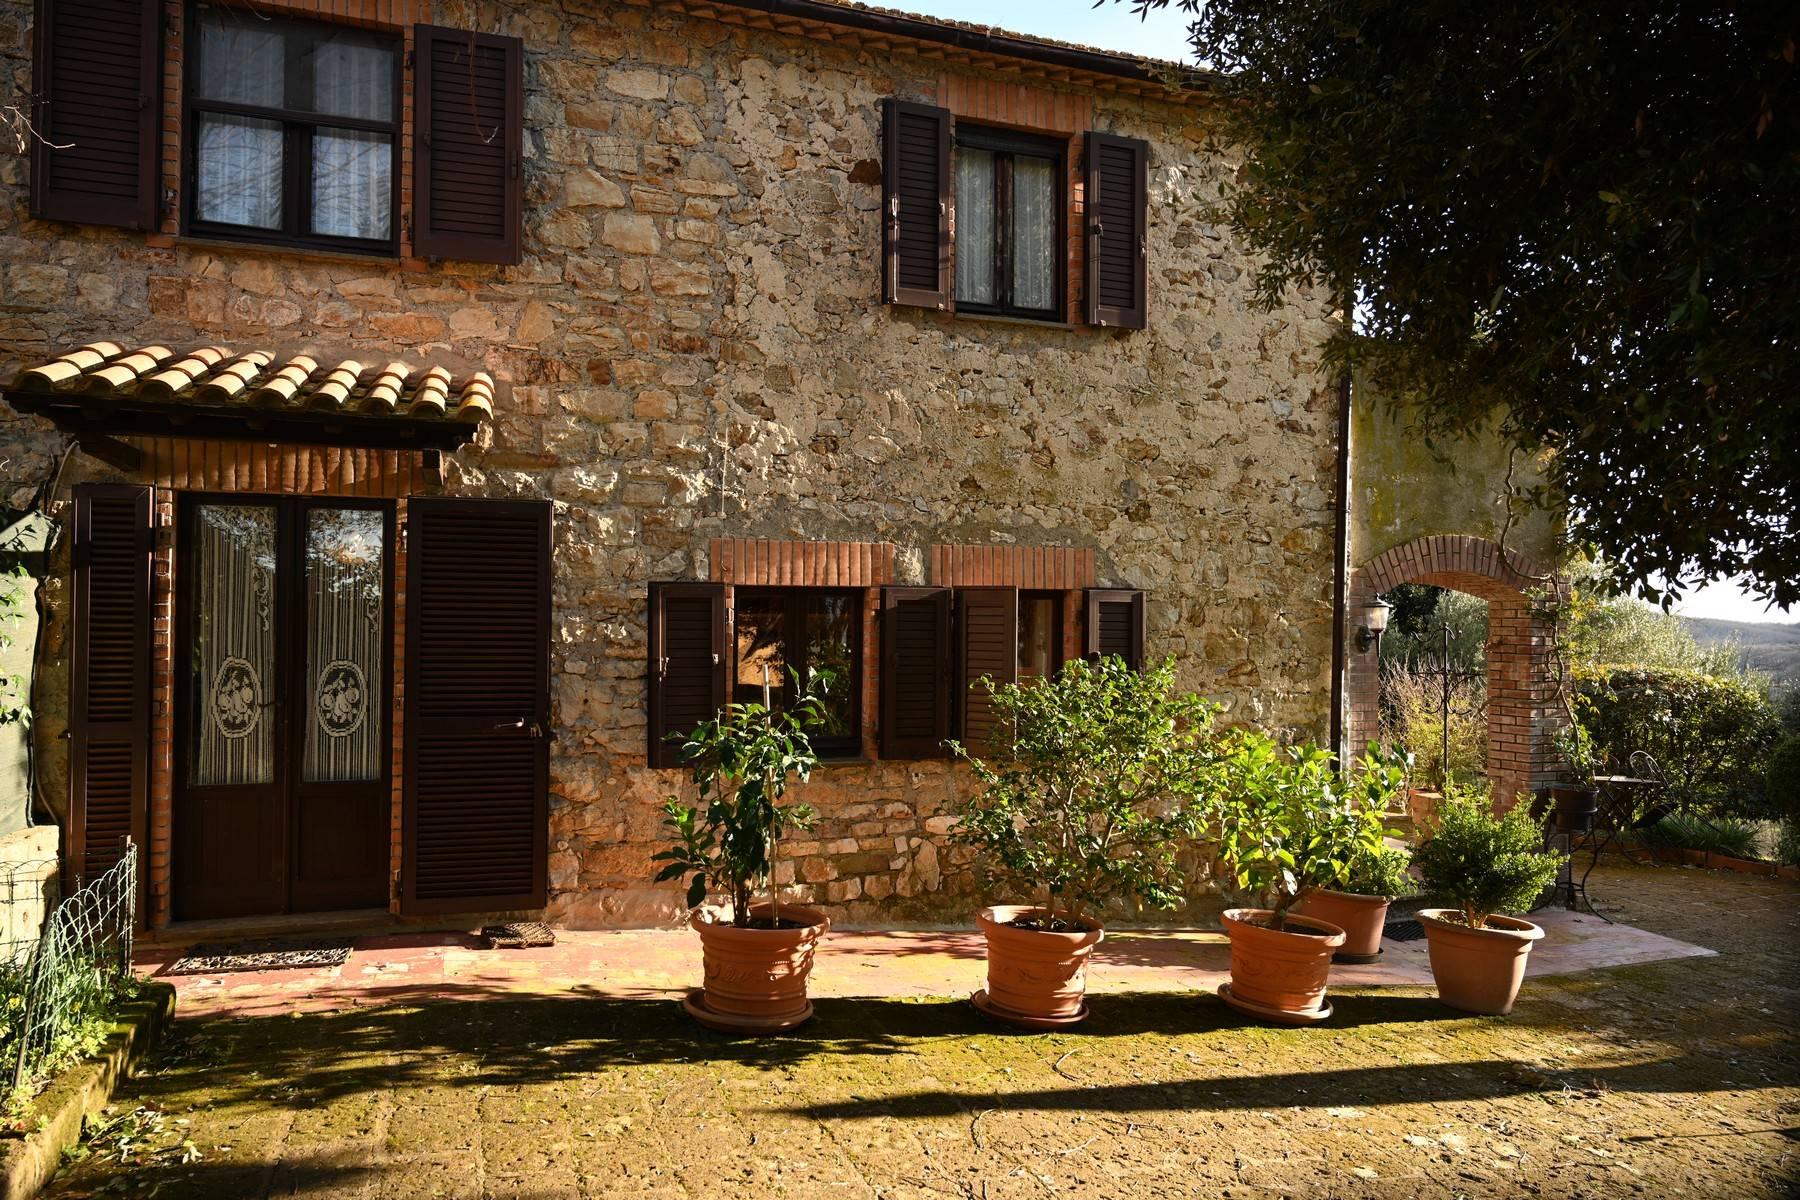 Casa indipendente in Vendita a Manciano: 5 locali, 240 mq - Foto 4